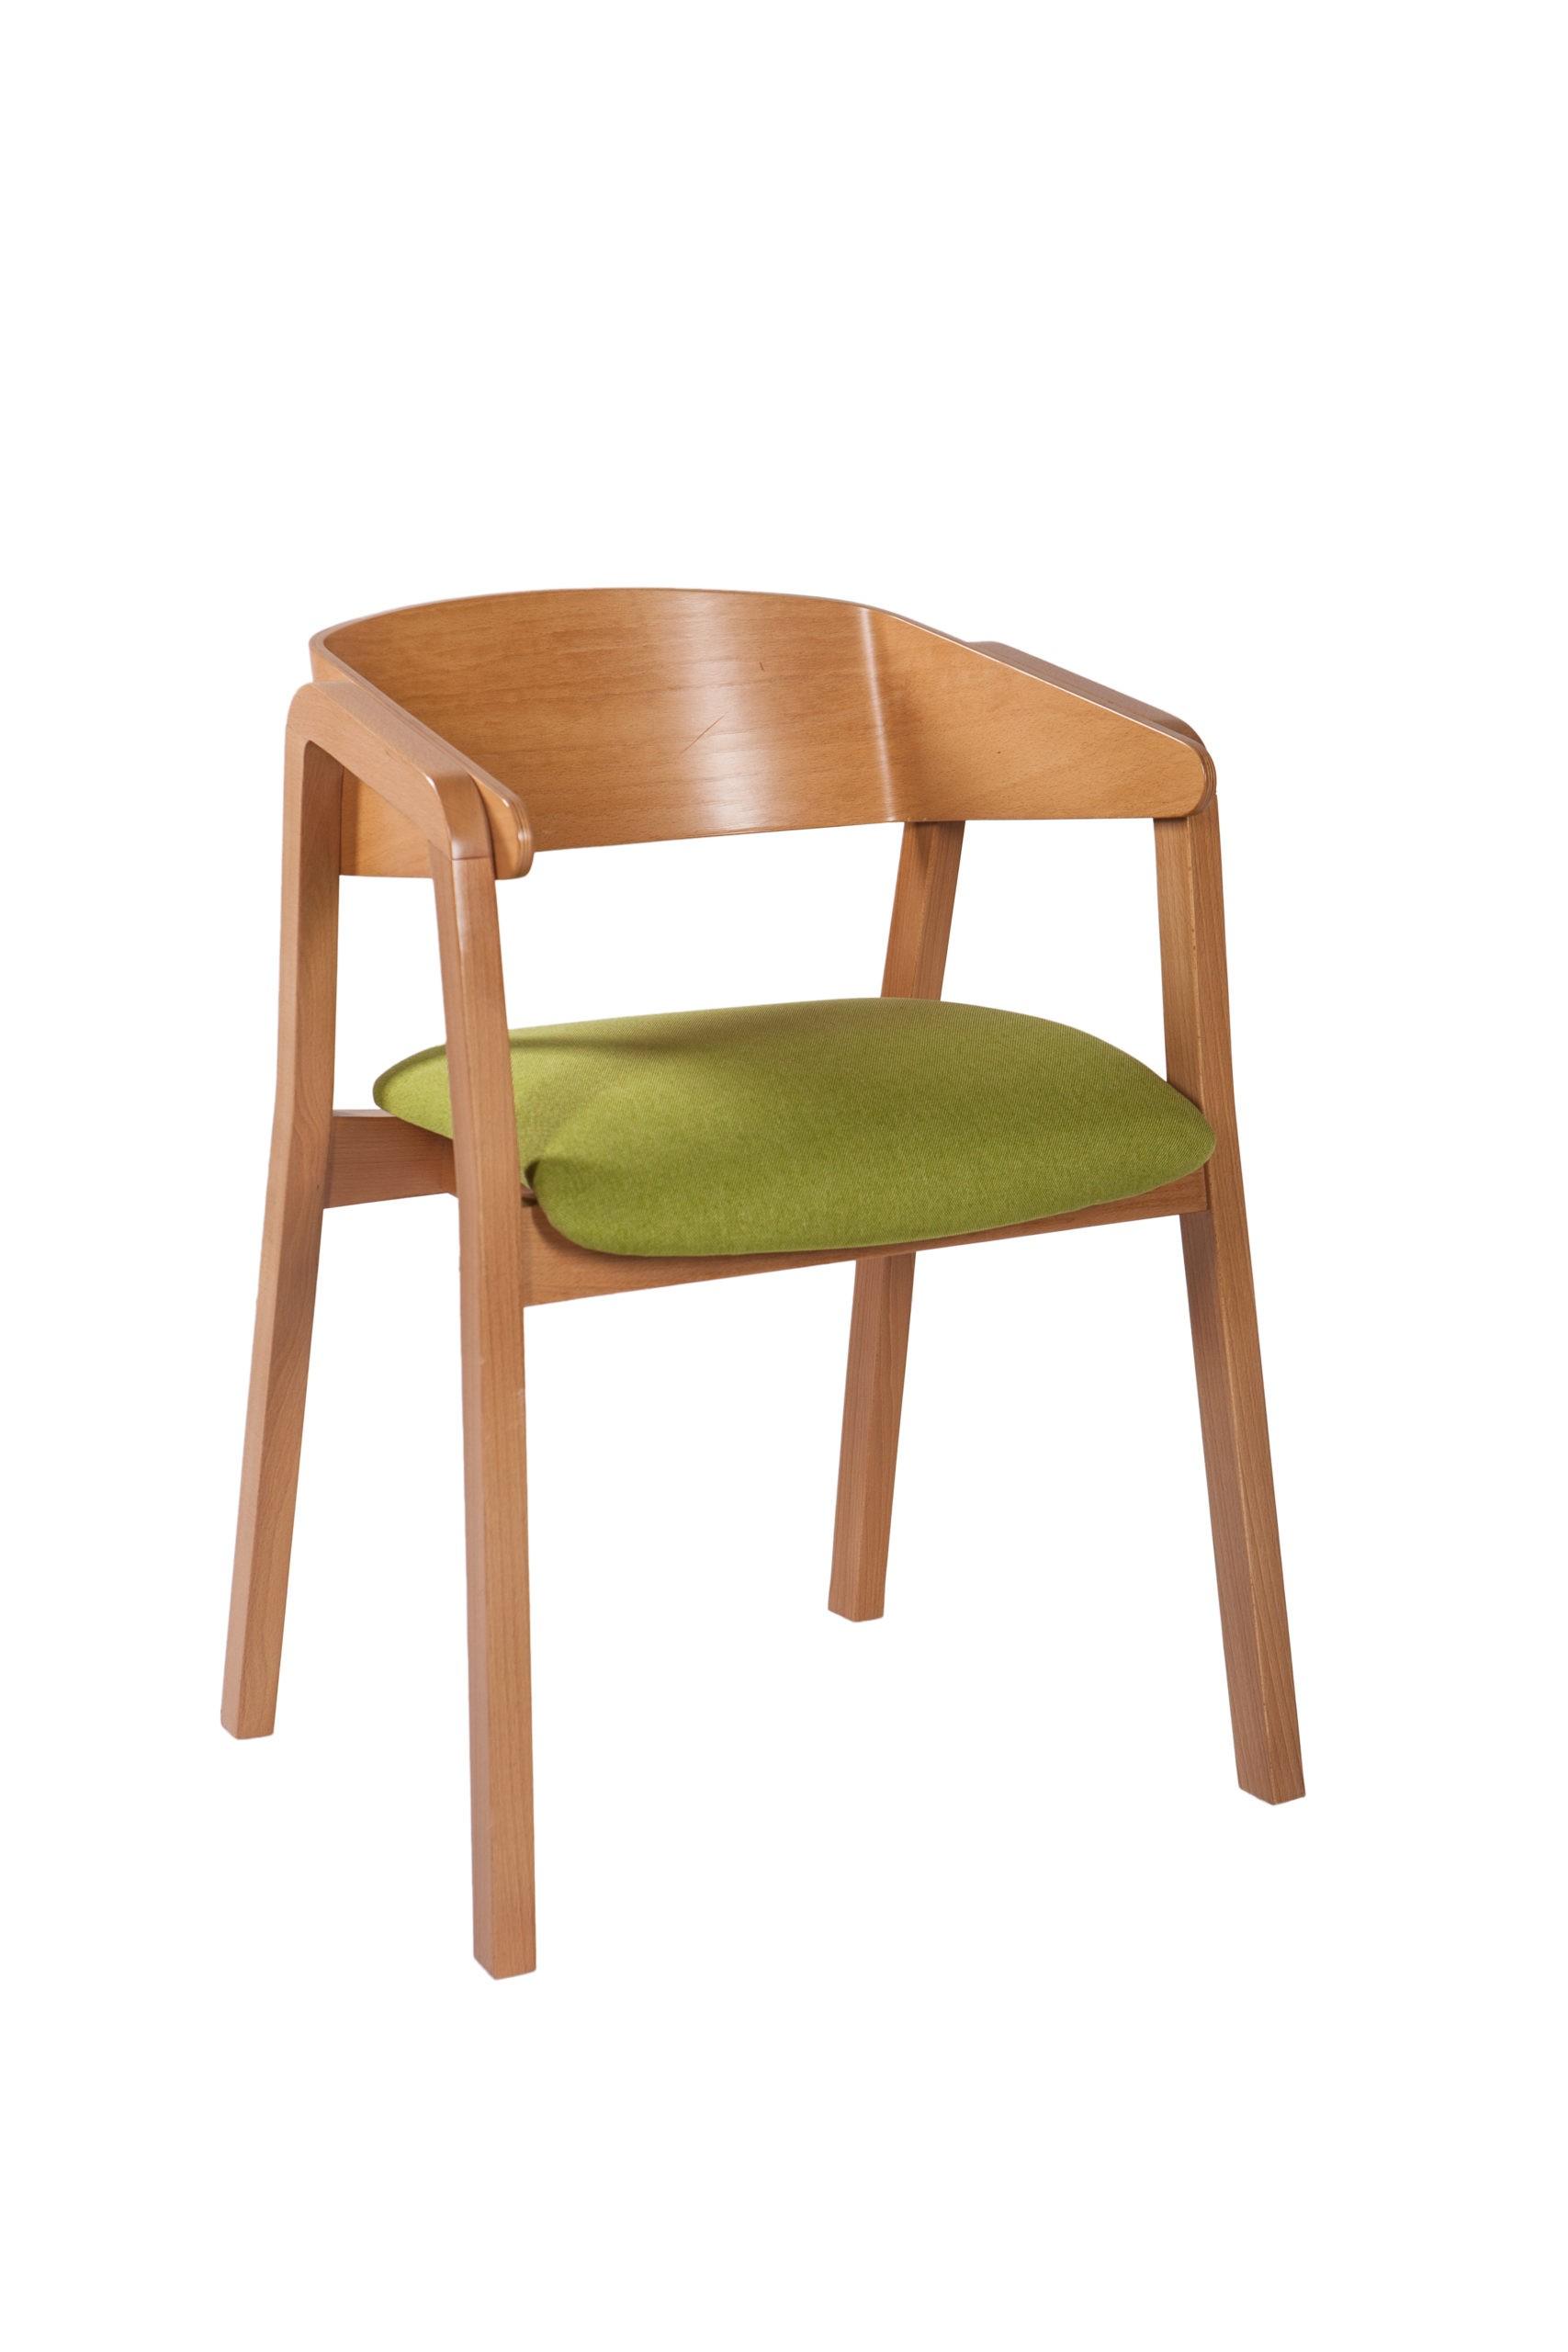 Krzesło z drewnianym oparciem profilowanym oraz tapicerowanym siedziskiem z podłokietnikami KT 43